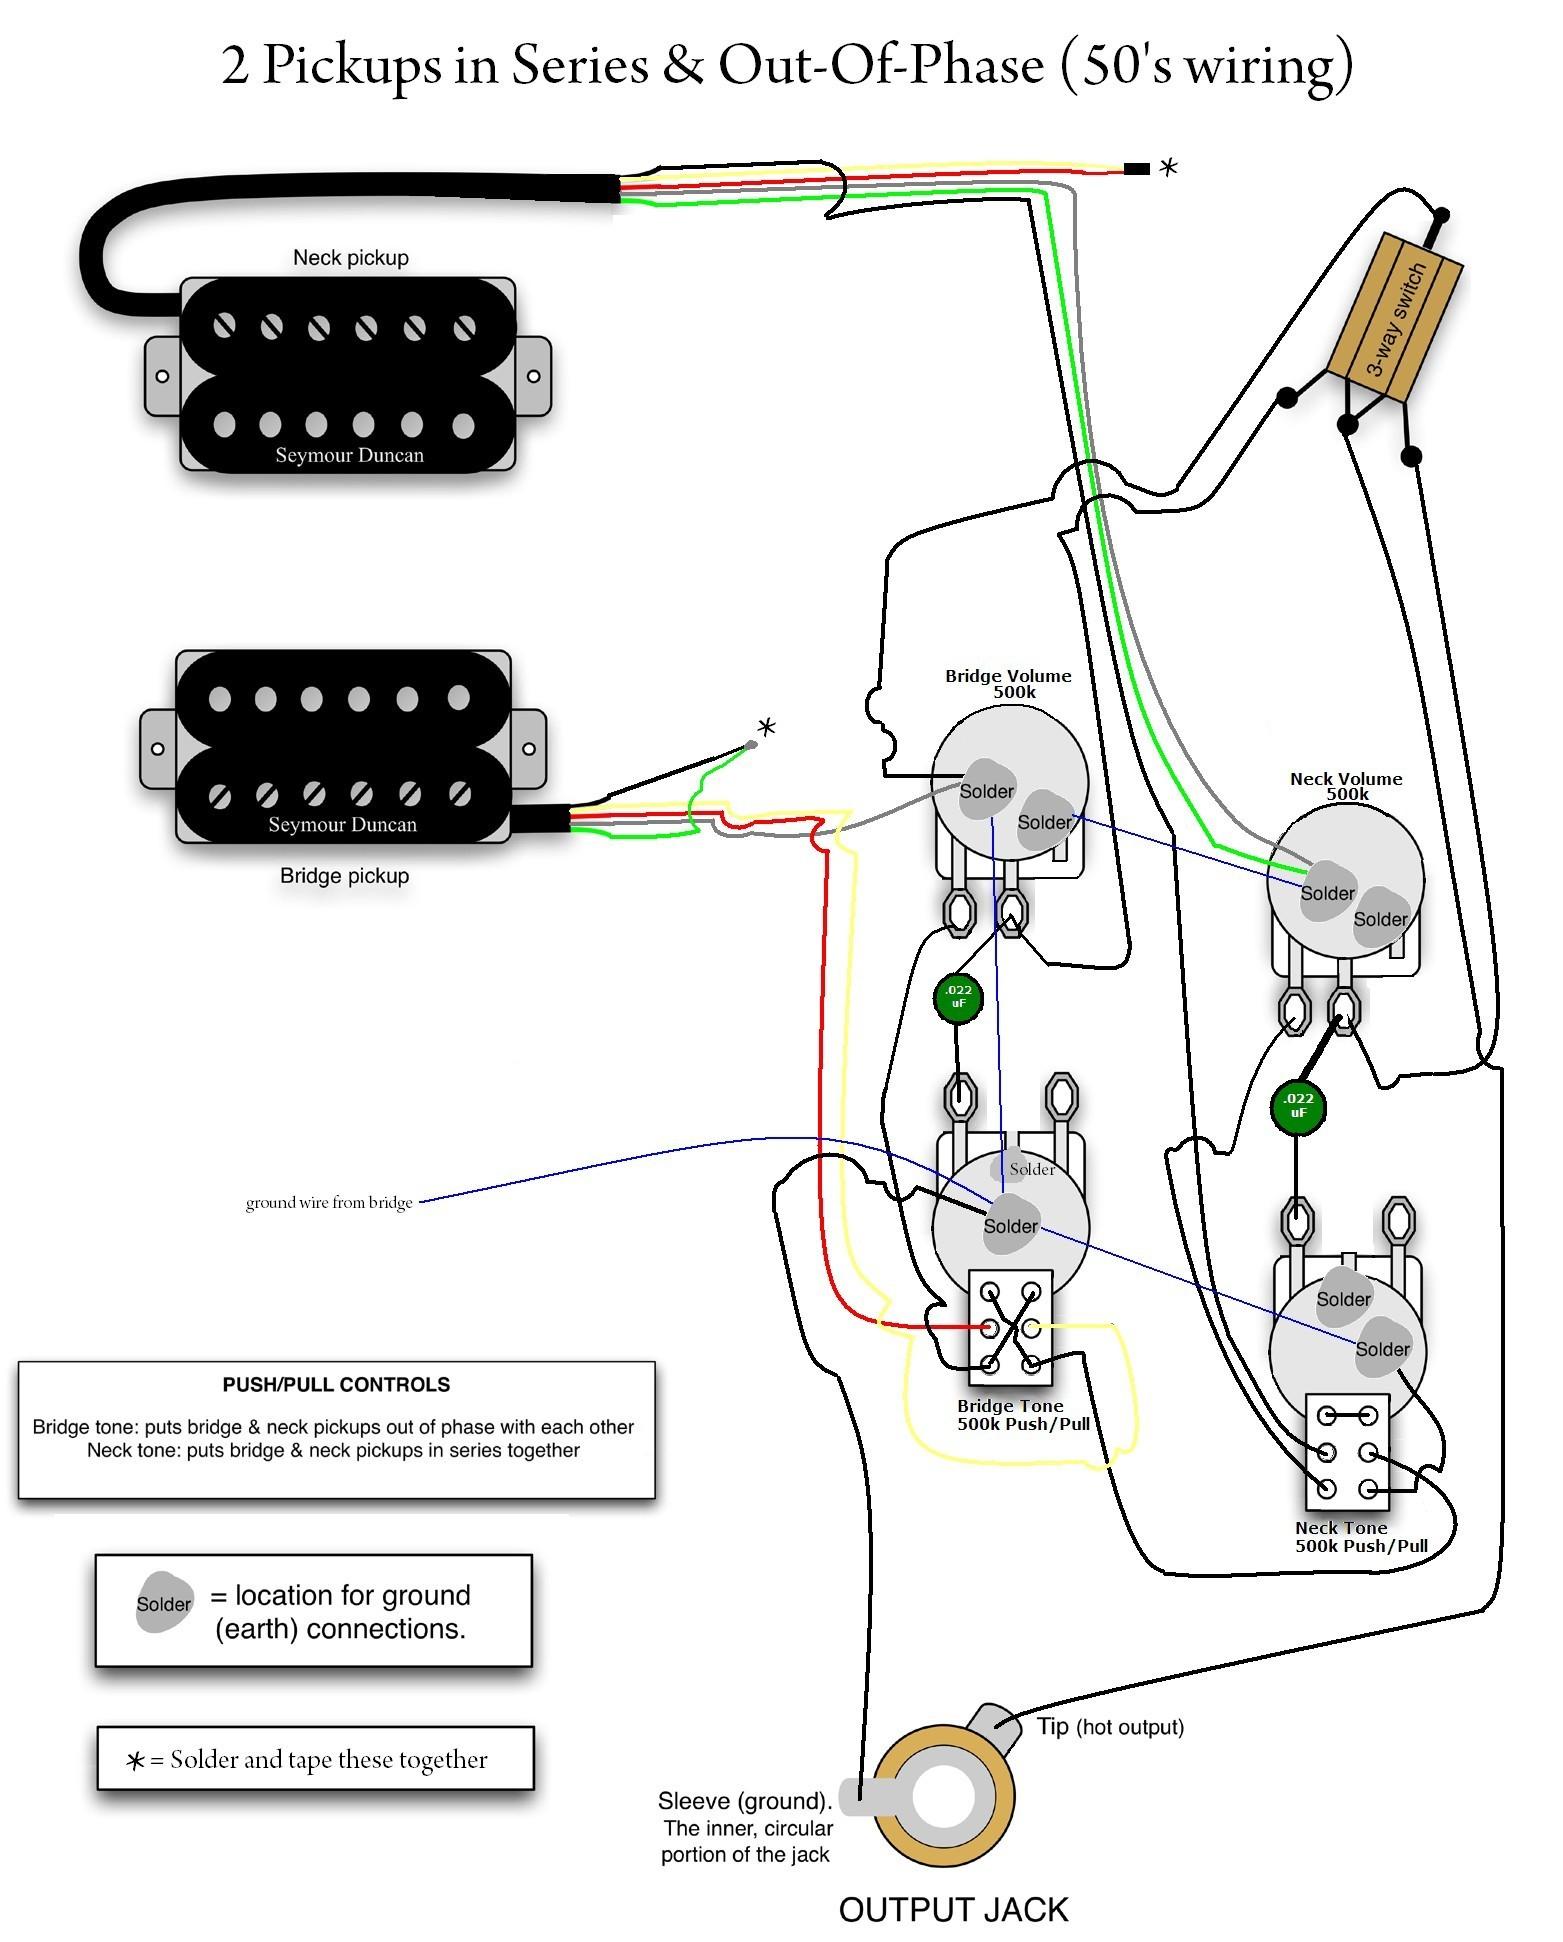 sg wiring diagram riv yogaundstille de \u2022gibson sg special wiring diagram free picture wiring diagram data rh 3 7 10 schuhtechnik much de roxy sg wiring diagram gibson 61 sg wiring diagram